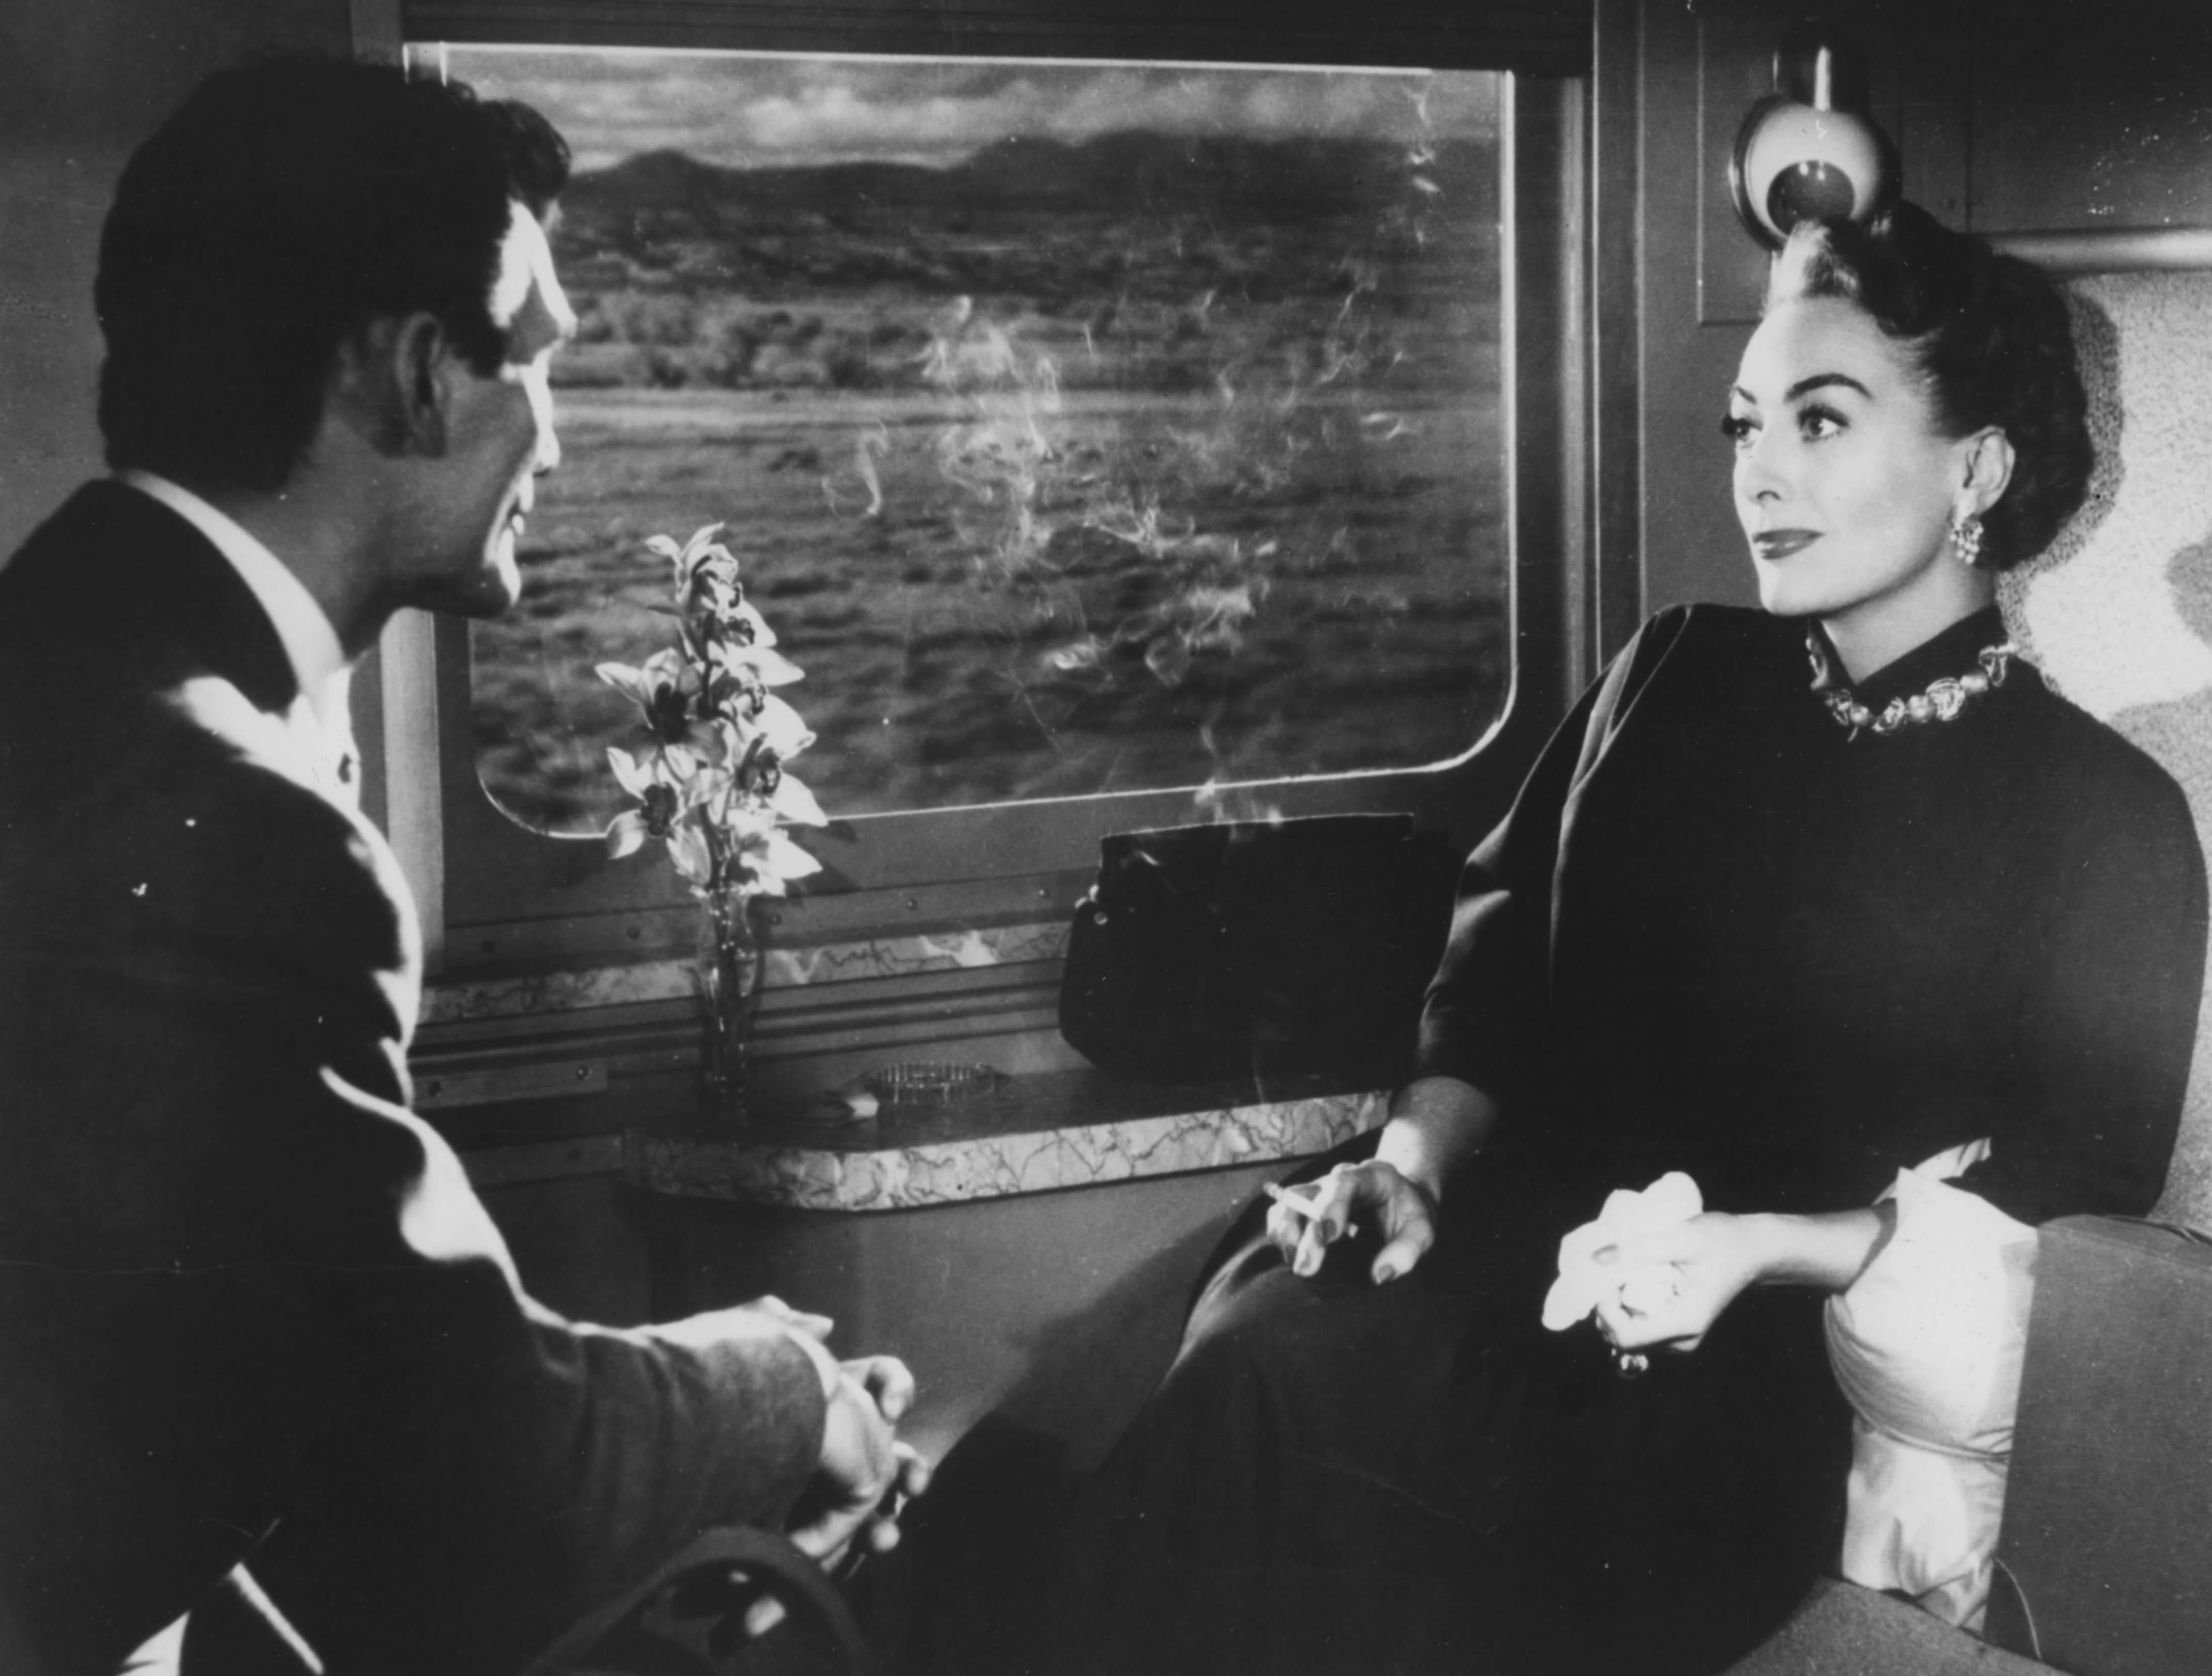 Jack Palance et Joan Crawford dans Le Masque arraché